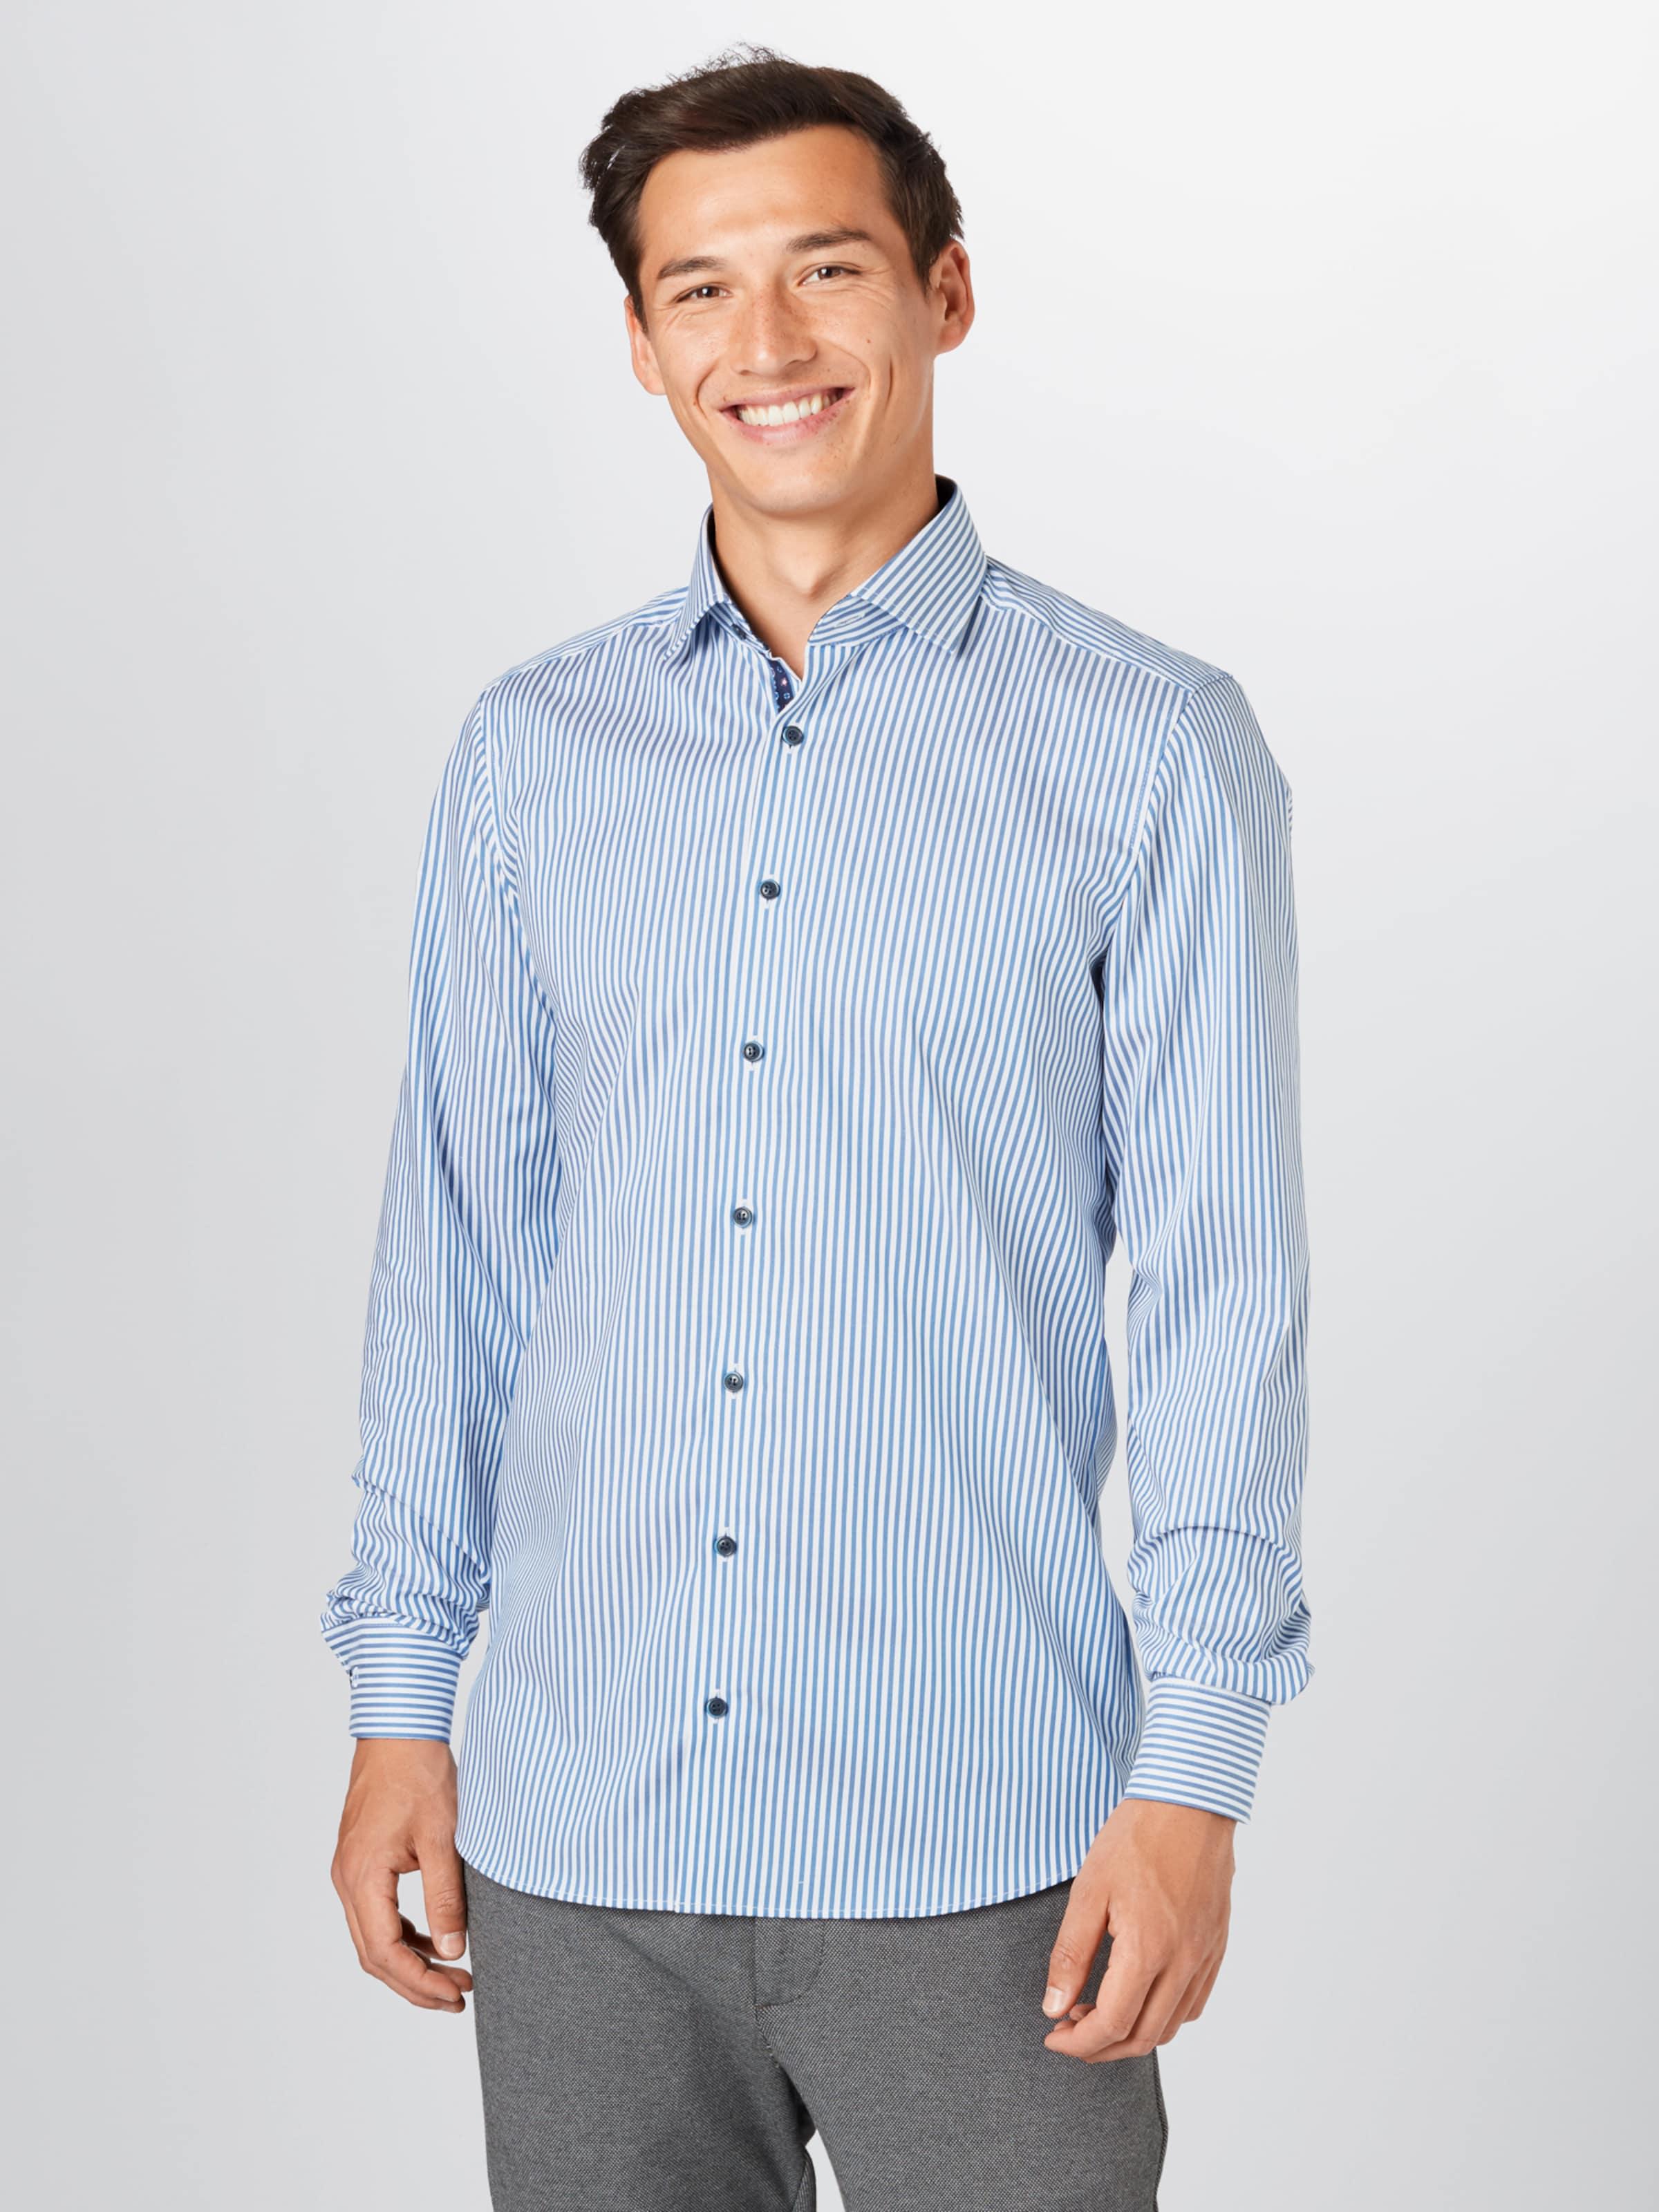 OLYMP Hemd in blau / weiß Baumwolle OLY0228001000001